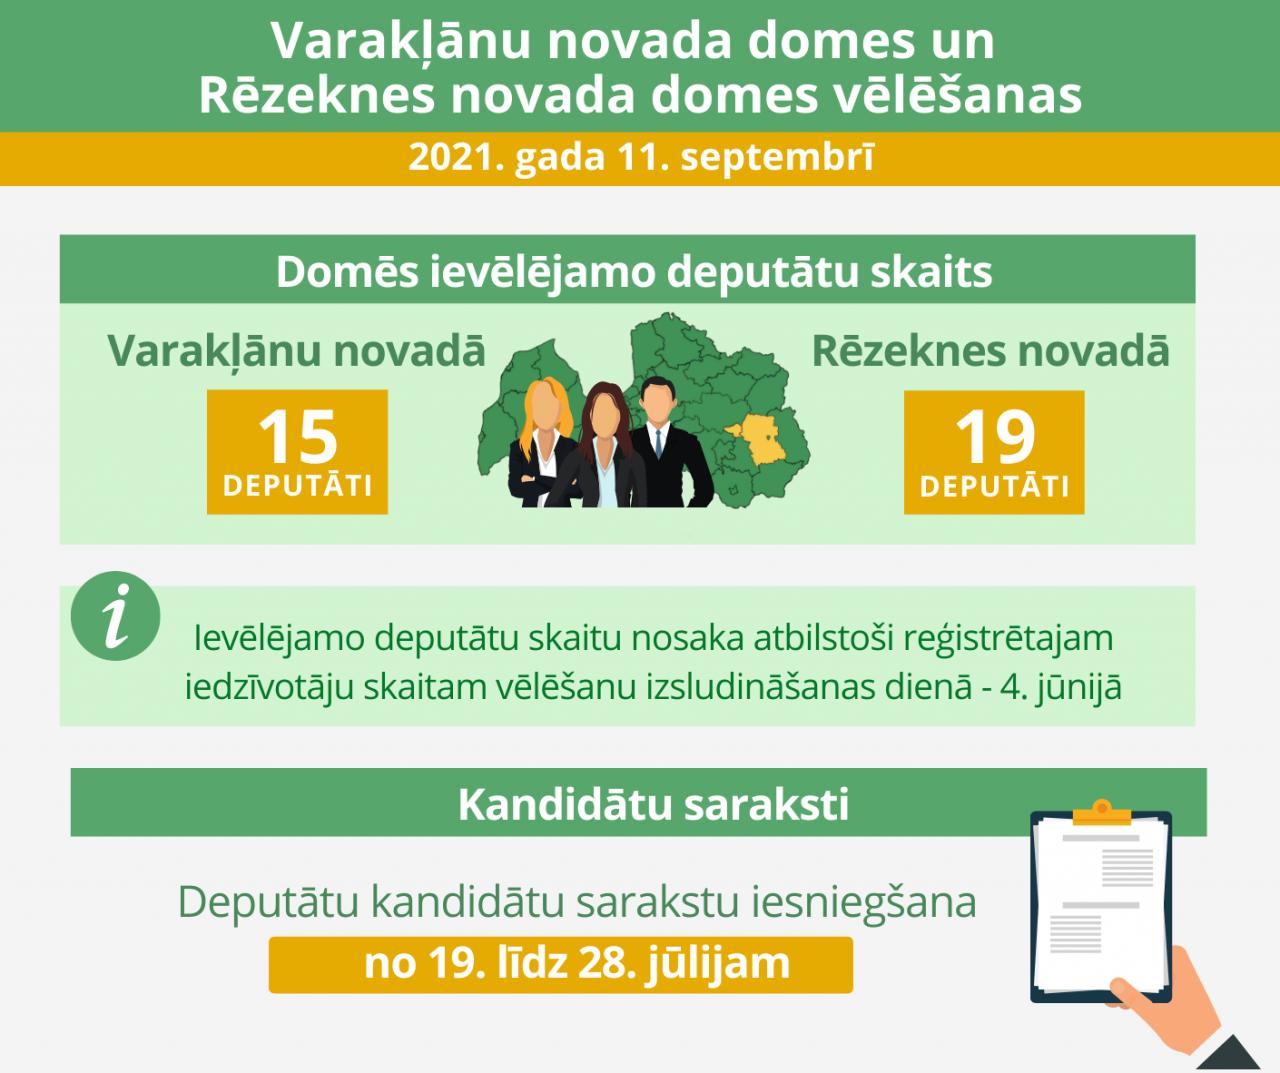 Šā gada . ̄ gaidāmajās vēlēšanās Rēzeknes novada domē būs jāievēl 19 deputāti, savukāt Varakļānu novada domē - 15 deputāti